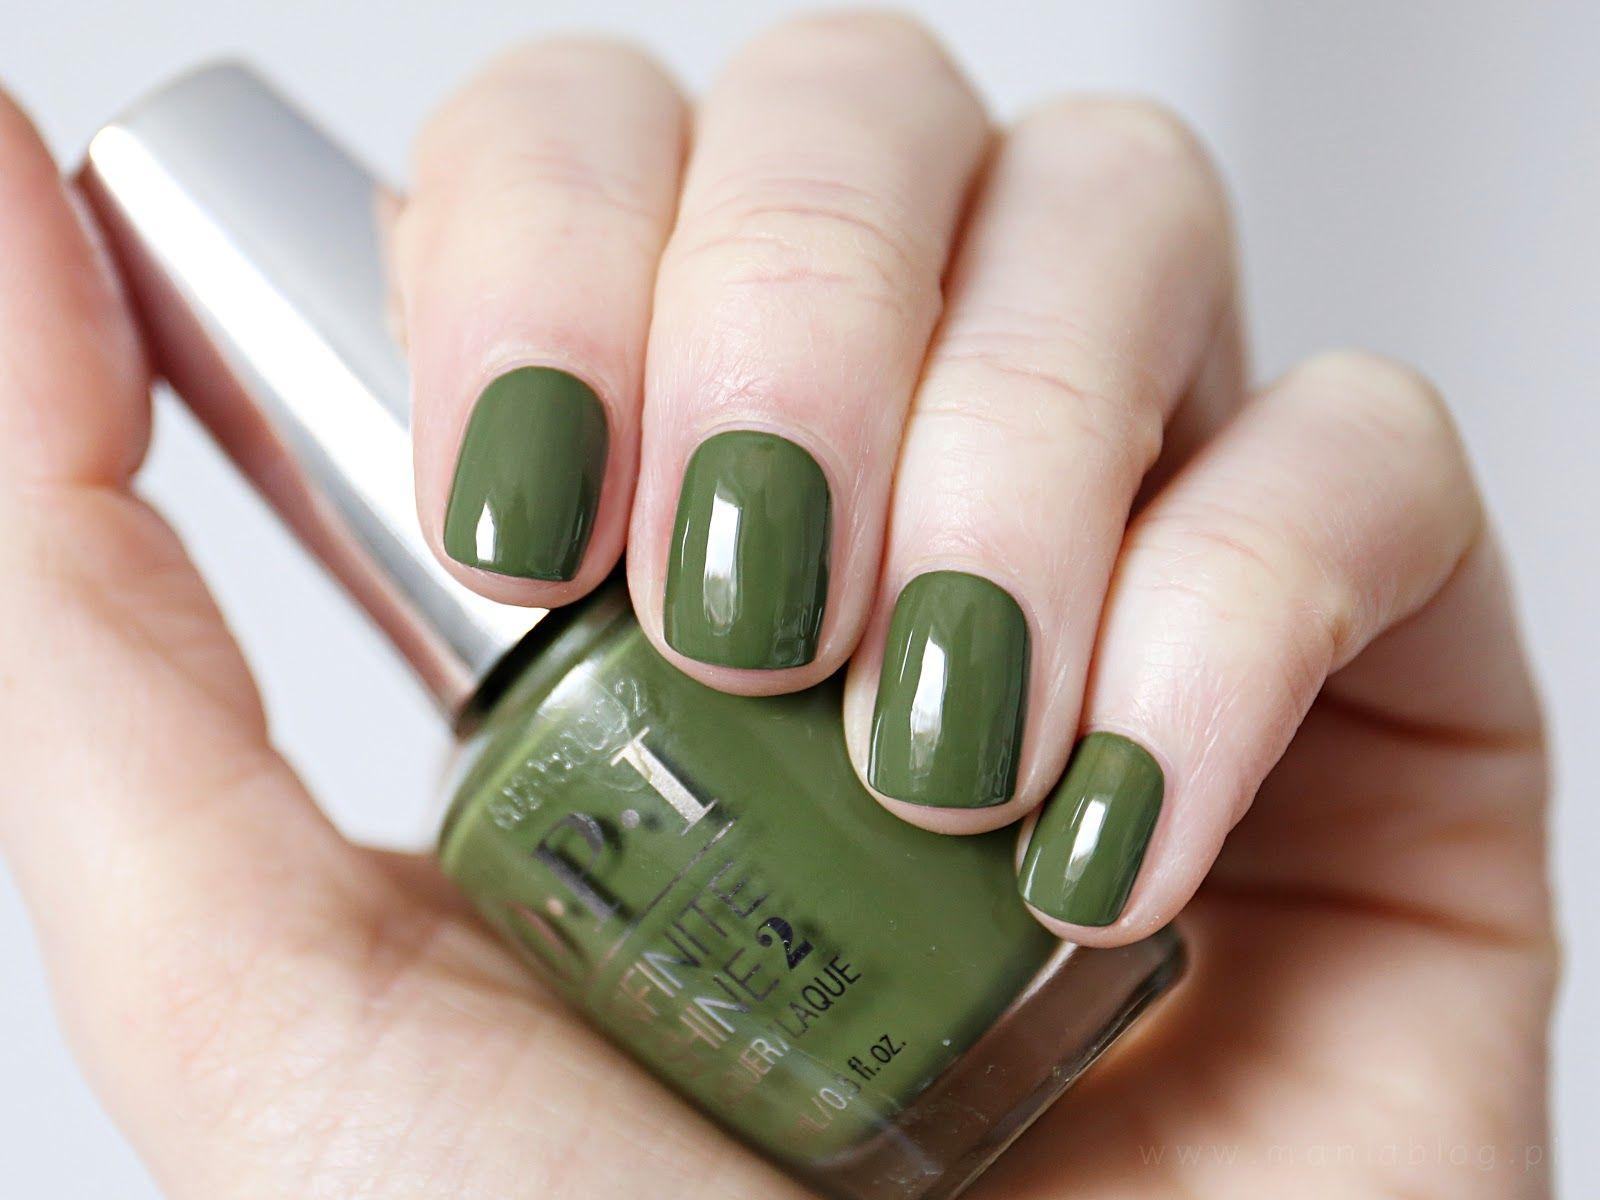 Opi Infinite Shine Olive For Green Spring 2016 Lakier Do Paznokci Paznokcie Lakier